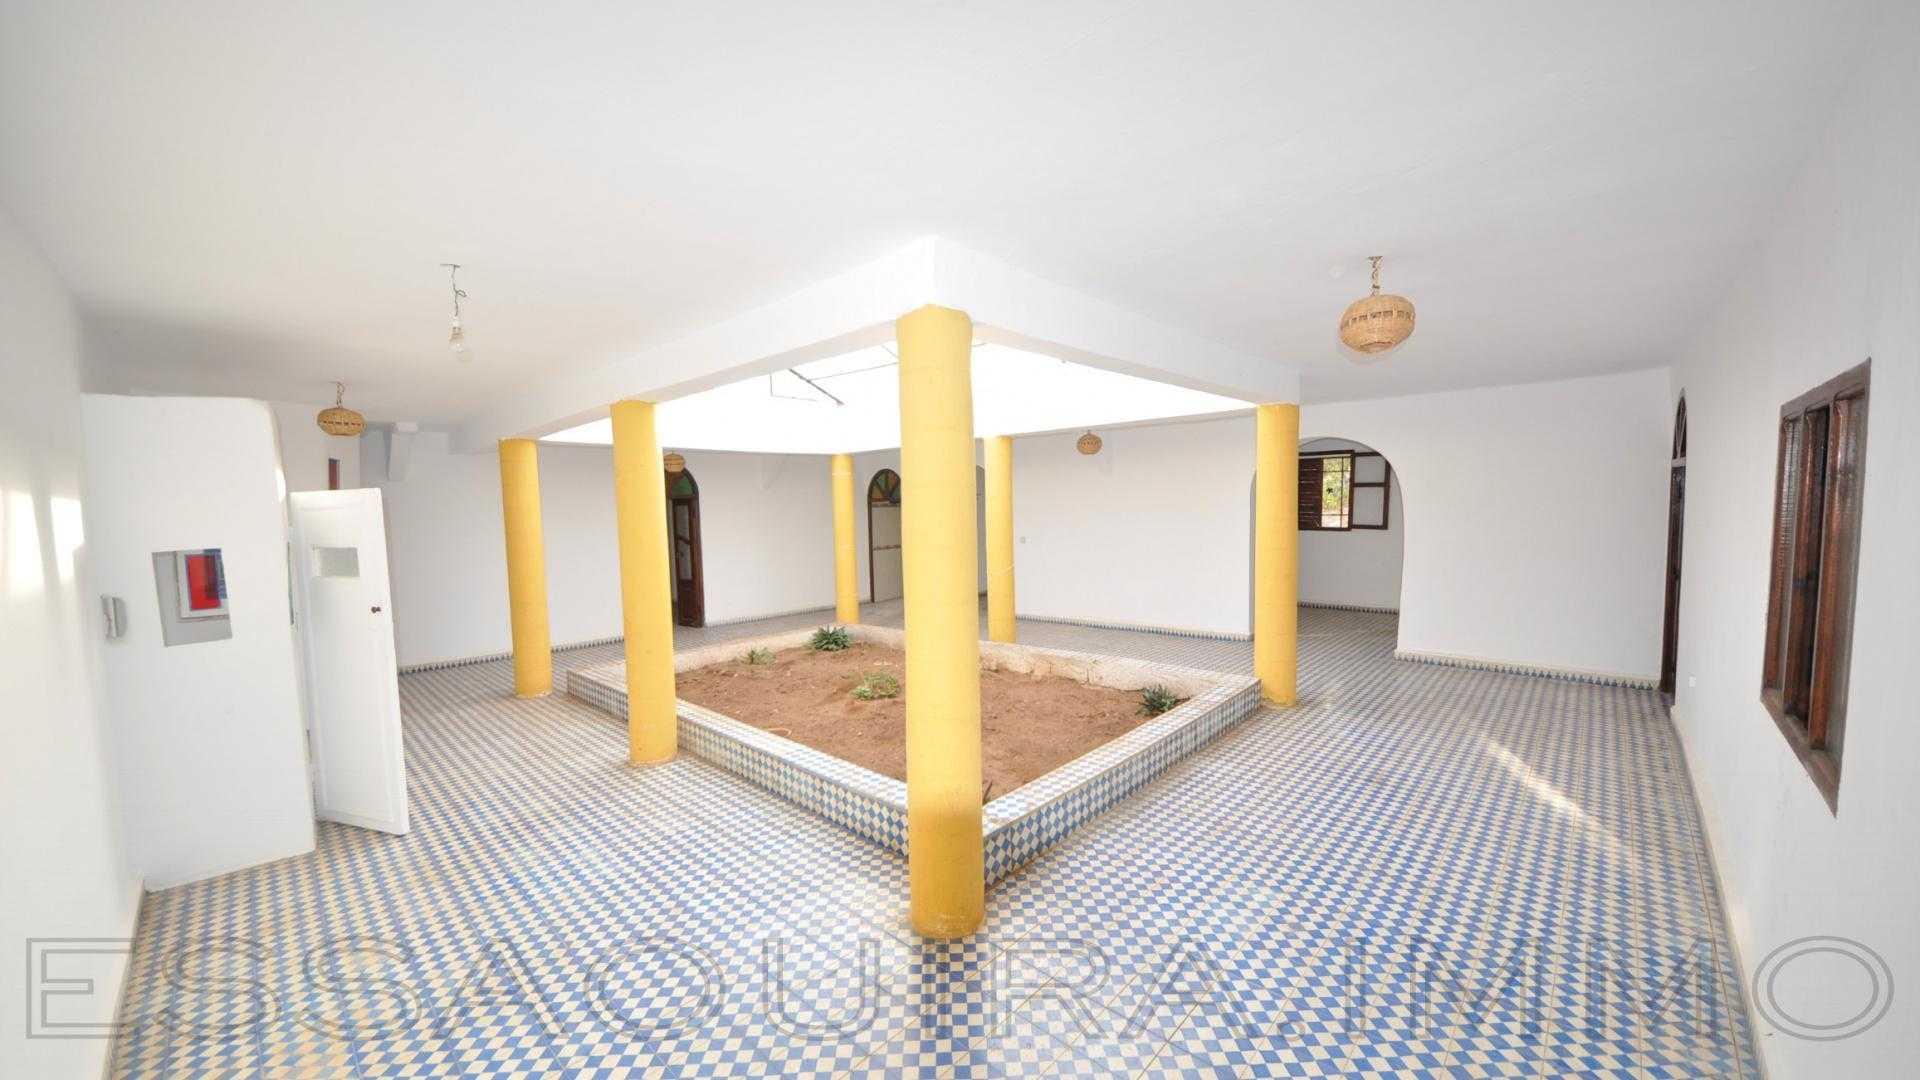 maison en location longue durée à essaouira